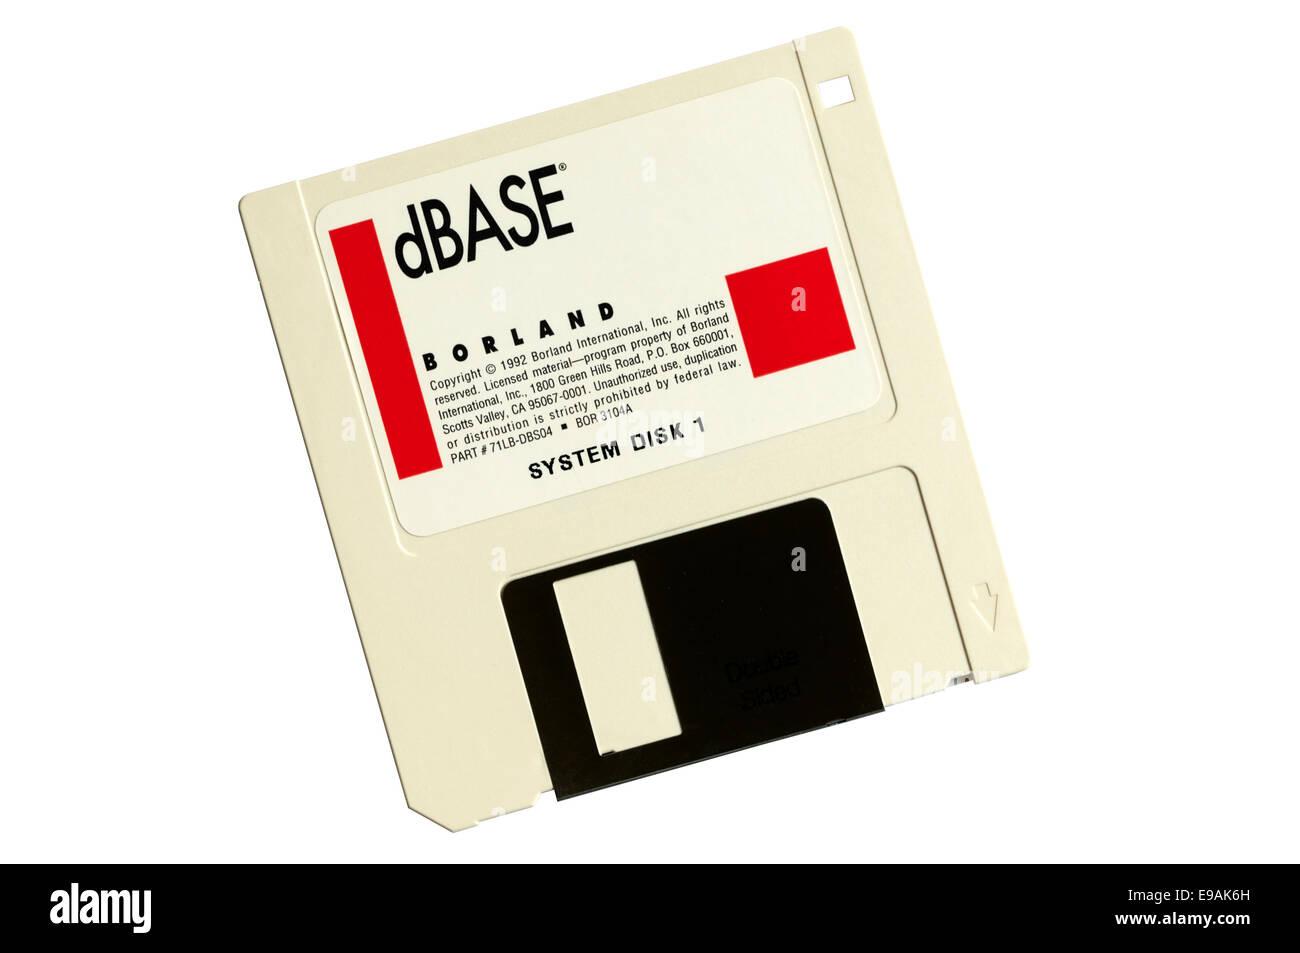 A Borland dBase IV database program diskette. - Stock Image